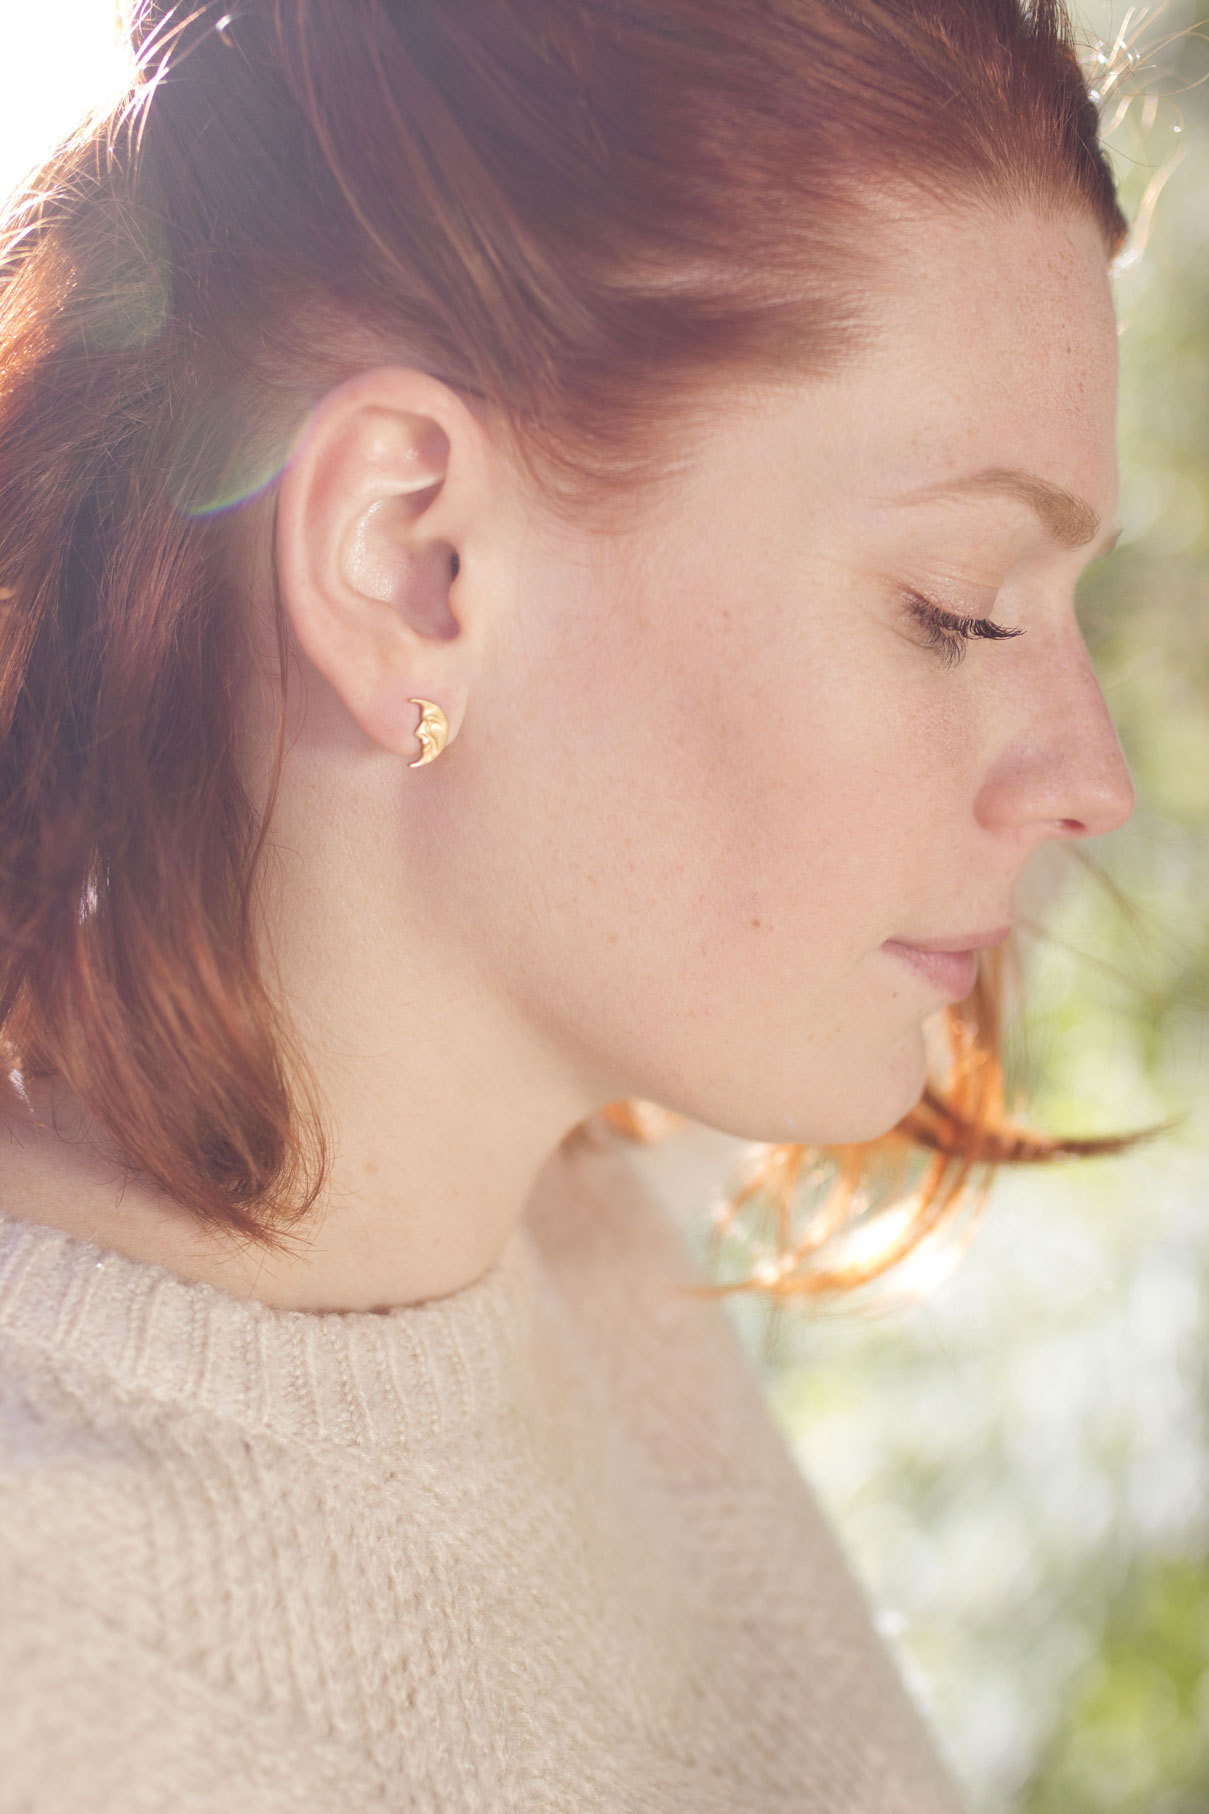 jeune femme rousse portant des boucles d'oreilles lune de Madamlili